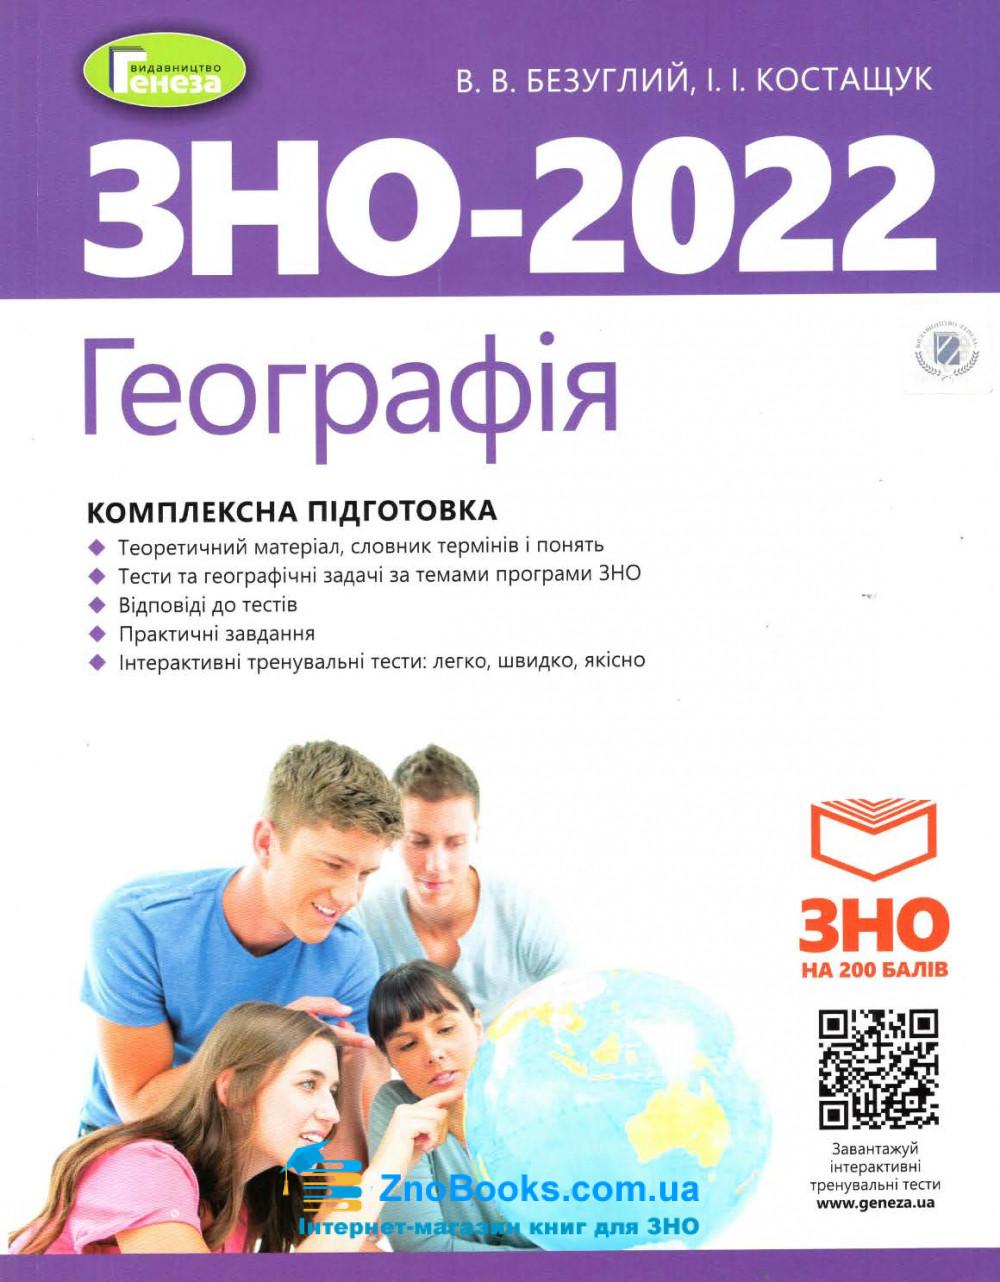 Географія ЗНО 2022. Комплексна підготовка + онлайн тренування : Безуглий В. Костащук І. Генеза. купити 0